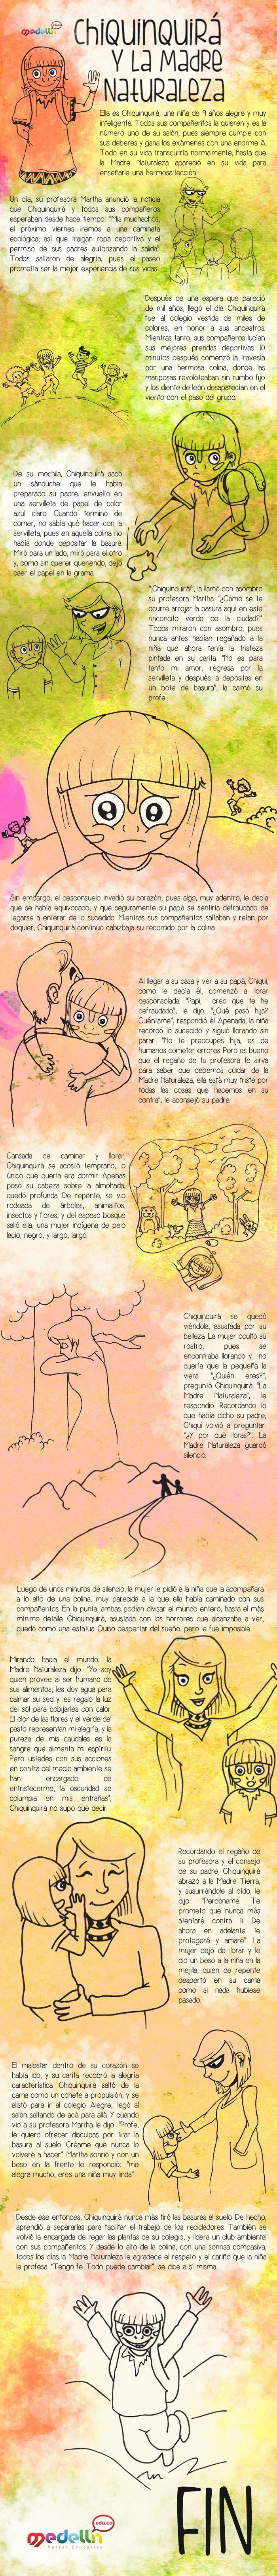 Cuento: Chiquinquirá y la Madre Naturaleza, realizado para la sección Niños y niñas del antiguo Portal Educativo de Medellín. En la actualidad la versión de dicho portal se encuentra desactivada. Autor: Carlos Julio Álvarez. Ilustración: David Jiménez.